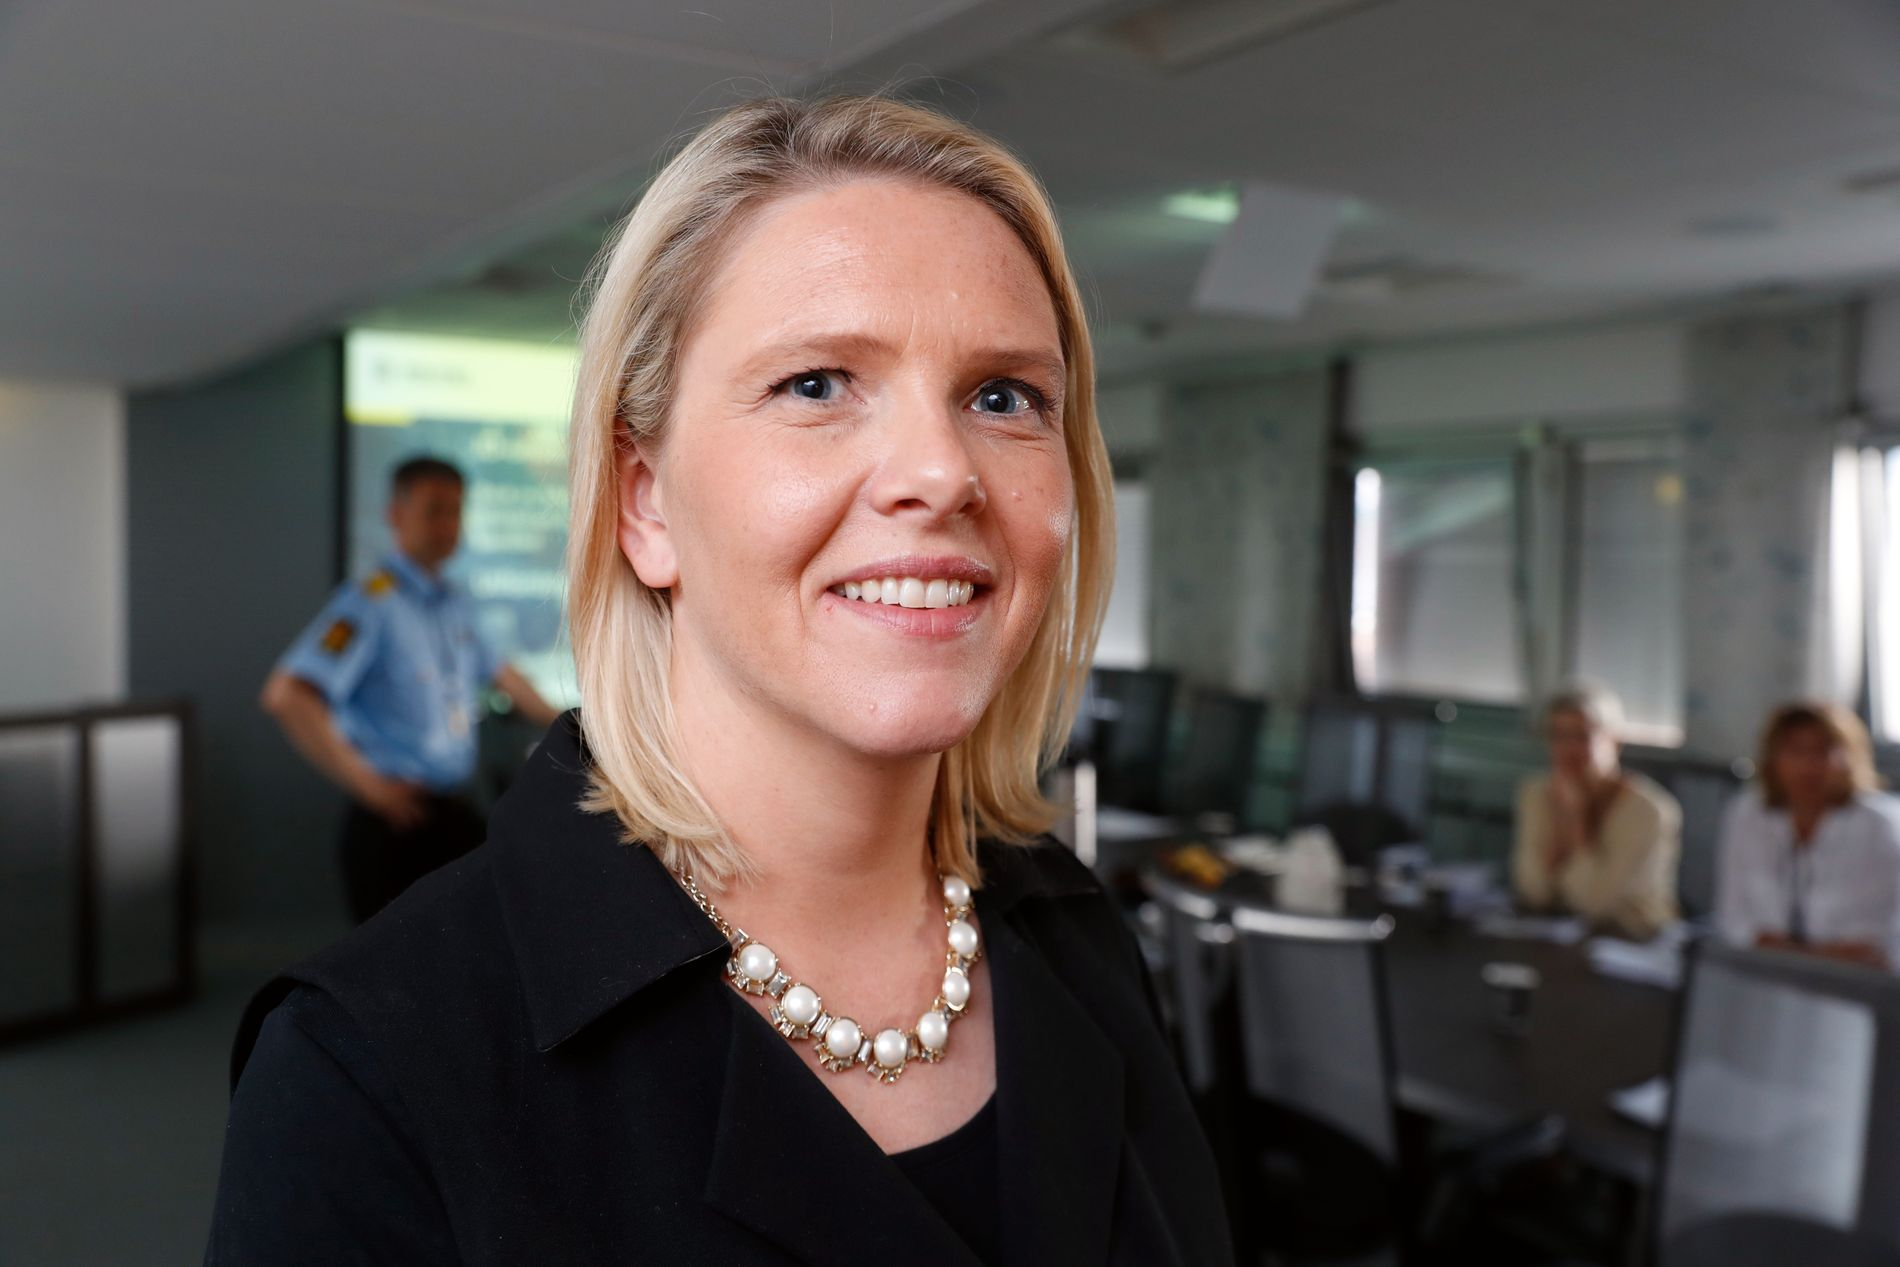 ID-ETTERFORSKNING: Innvandringsminister Sylvi Listhaug var tirsdag på politihuset i Oslo og møtte politifolkene som avslører falske identiteter blant utlendinger i Norge.